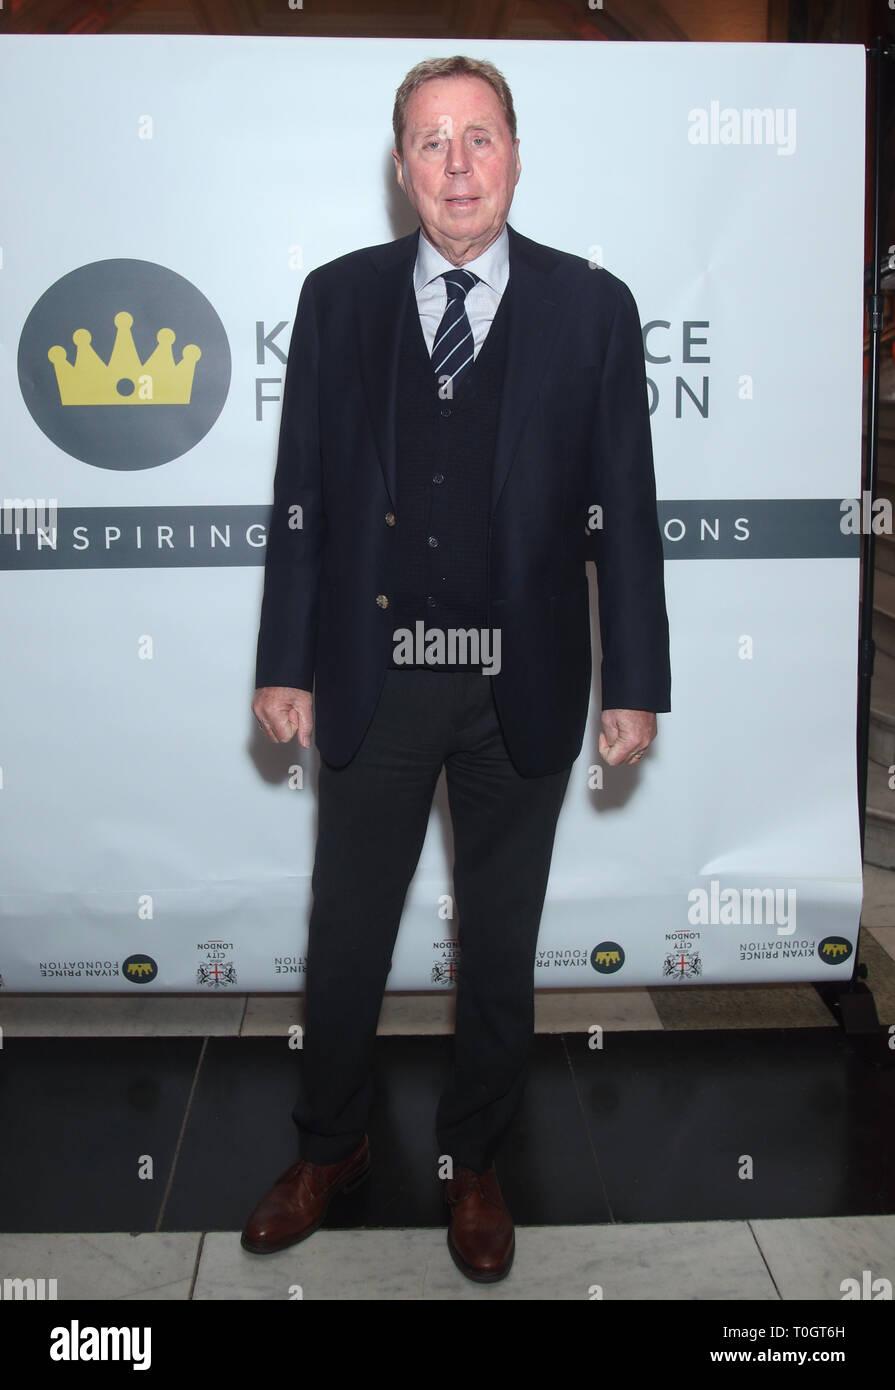 Harry Redknapp asistir a una celebración en honor a Dr. Mark Prince OBE, auspiciada por la City of London Corporation, en el Old Bailey, en Londres. Mark de 15 años de edad, hijo, PRÍNCIPE Kiyan, fue brutalmente apuñalado y asesinado por pacíficamente intentando romper una pelea en el exterior de su escuela el 18 de mayo de 2006. Imagen De Stock